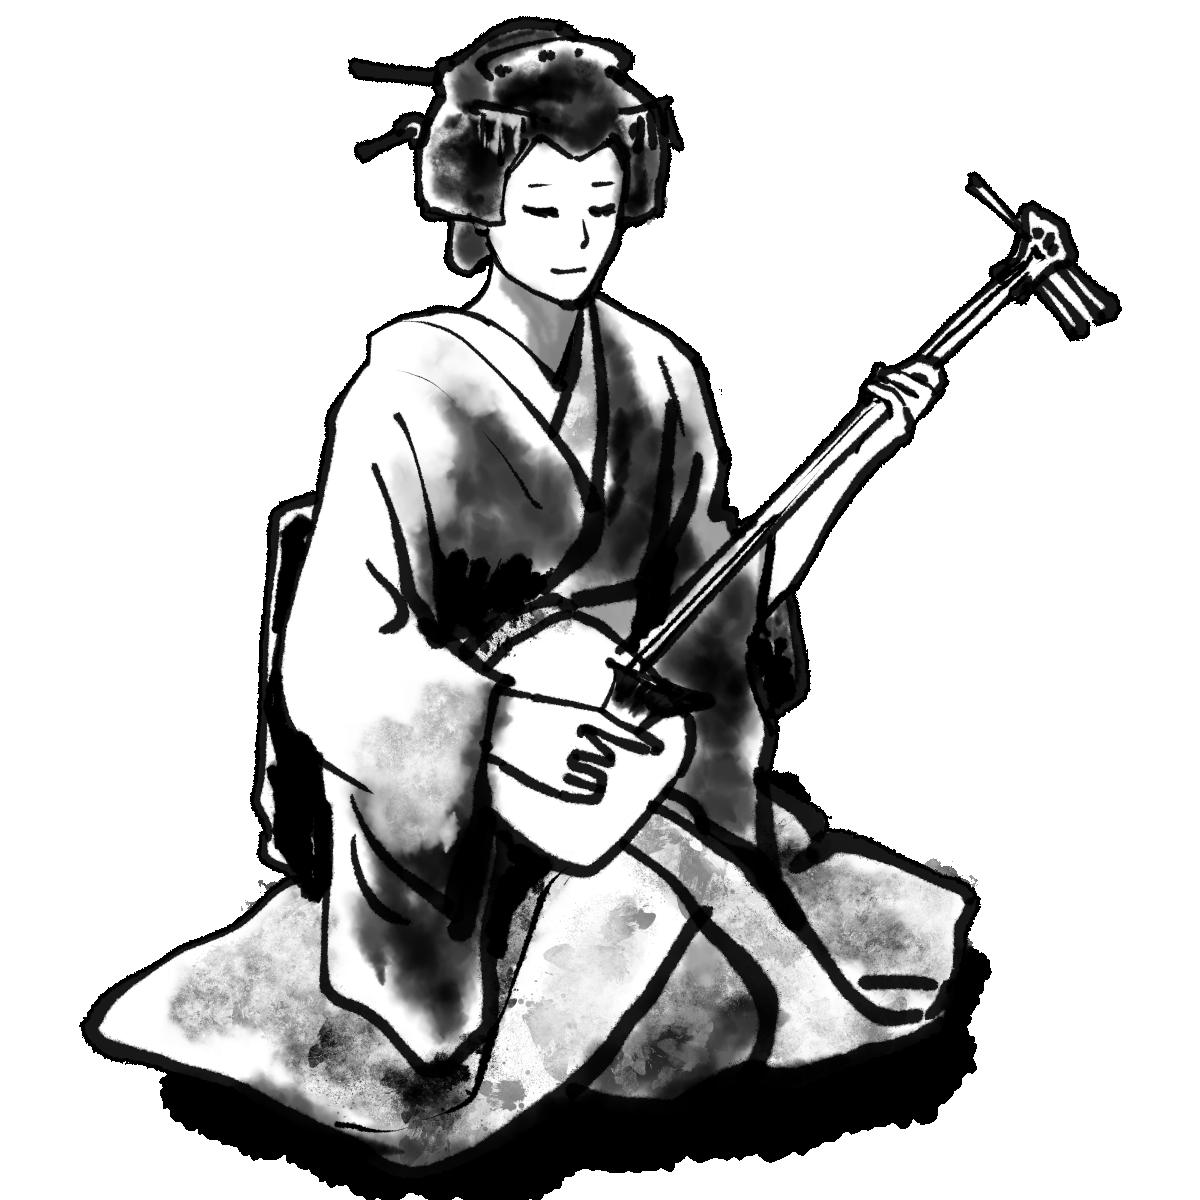 三味線を弾く芸者のイラスト Geisha plays shamisen  Illustration